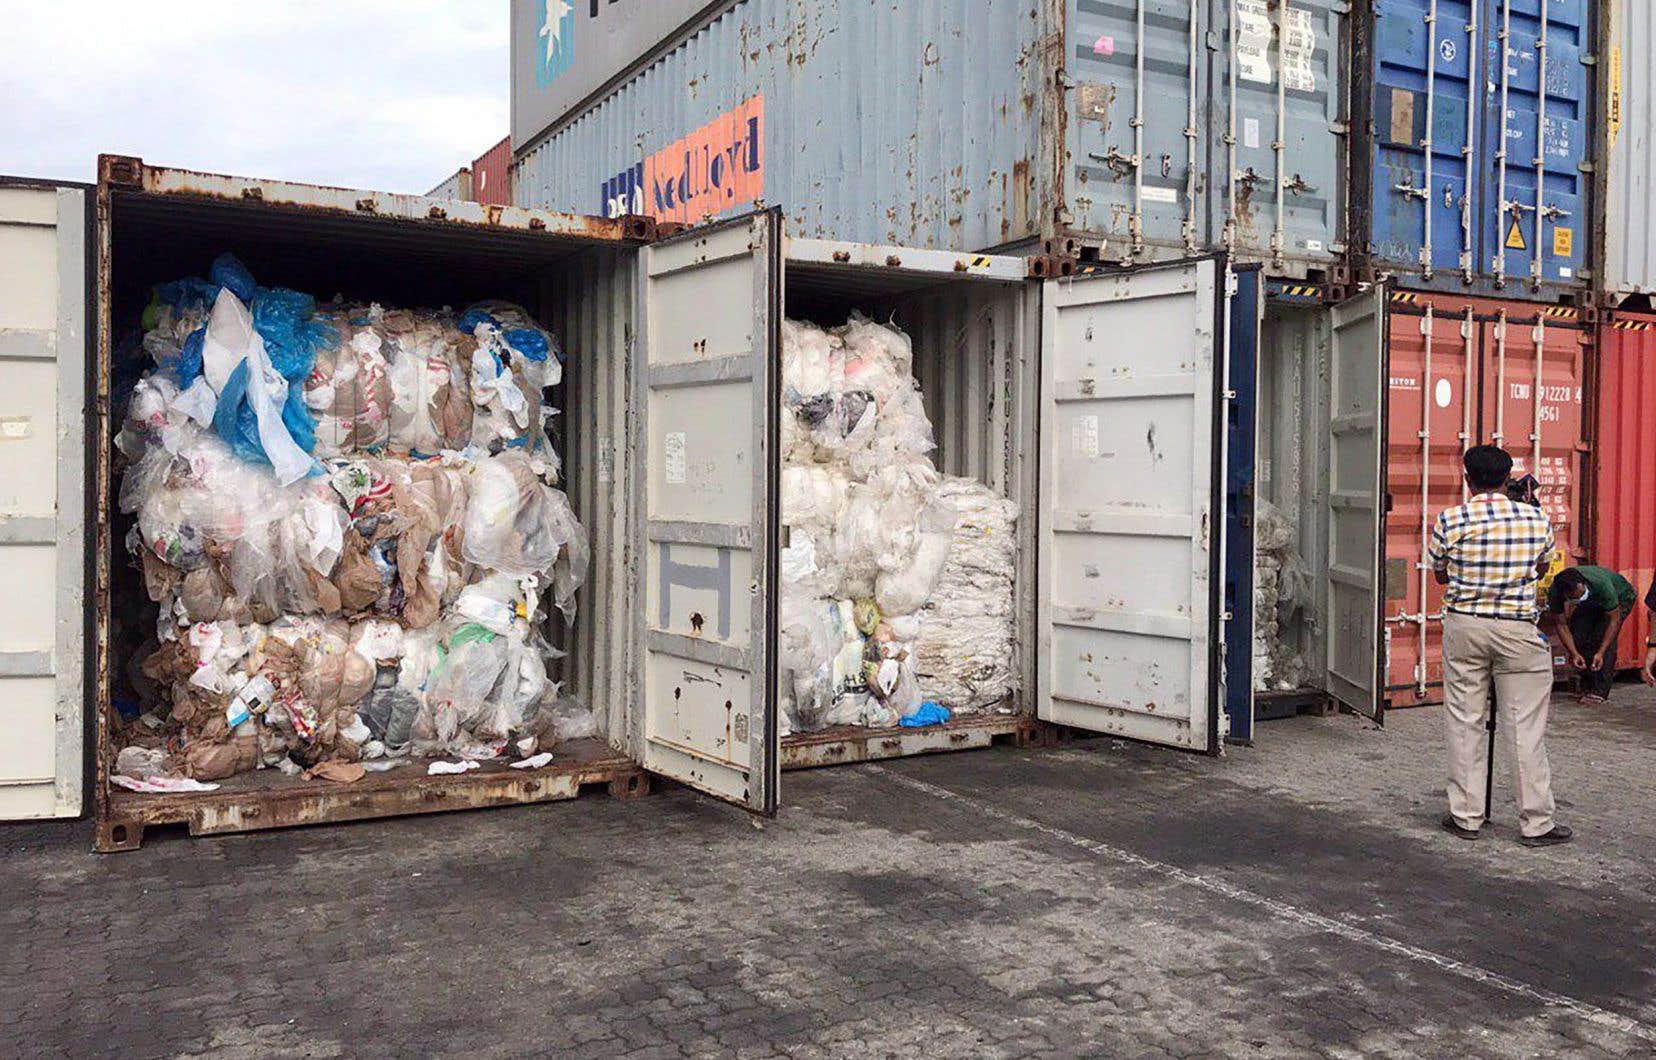 Les déchets avaient été découverts le 16 juillet, quelques jours après que le premier ministre, Hun Sen, a déclaré lors d'une réunion du cabinet que le Cambodge n'était pas un dépotoir et n'autorisait pas l'importation de déchets en plastique ou autres matières recyclables.